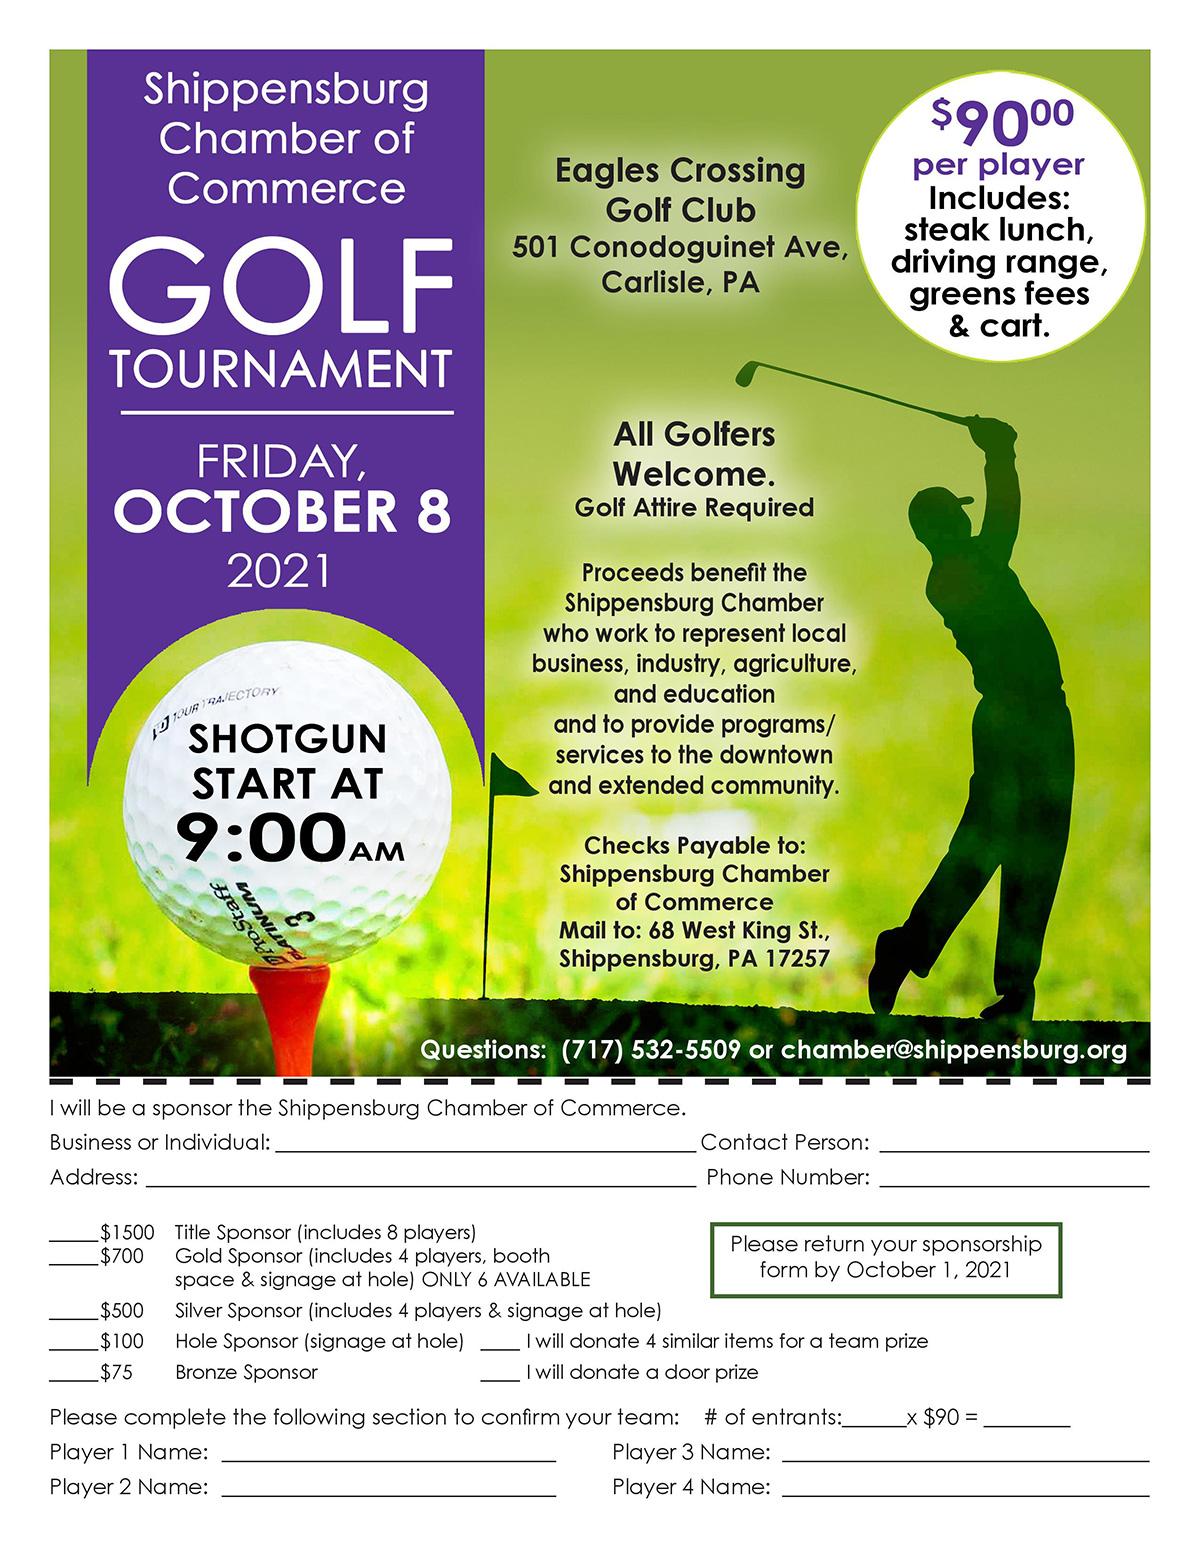 Shippensburg Chamber of Commerce Golf Tournament